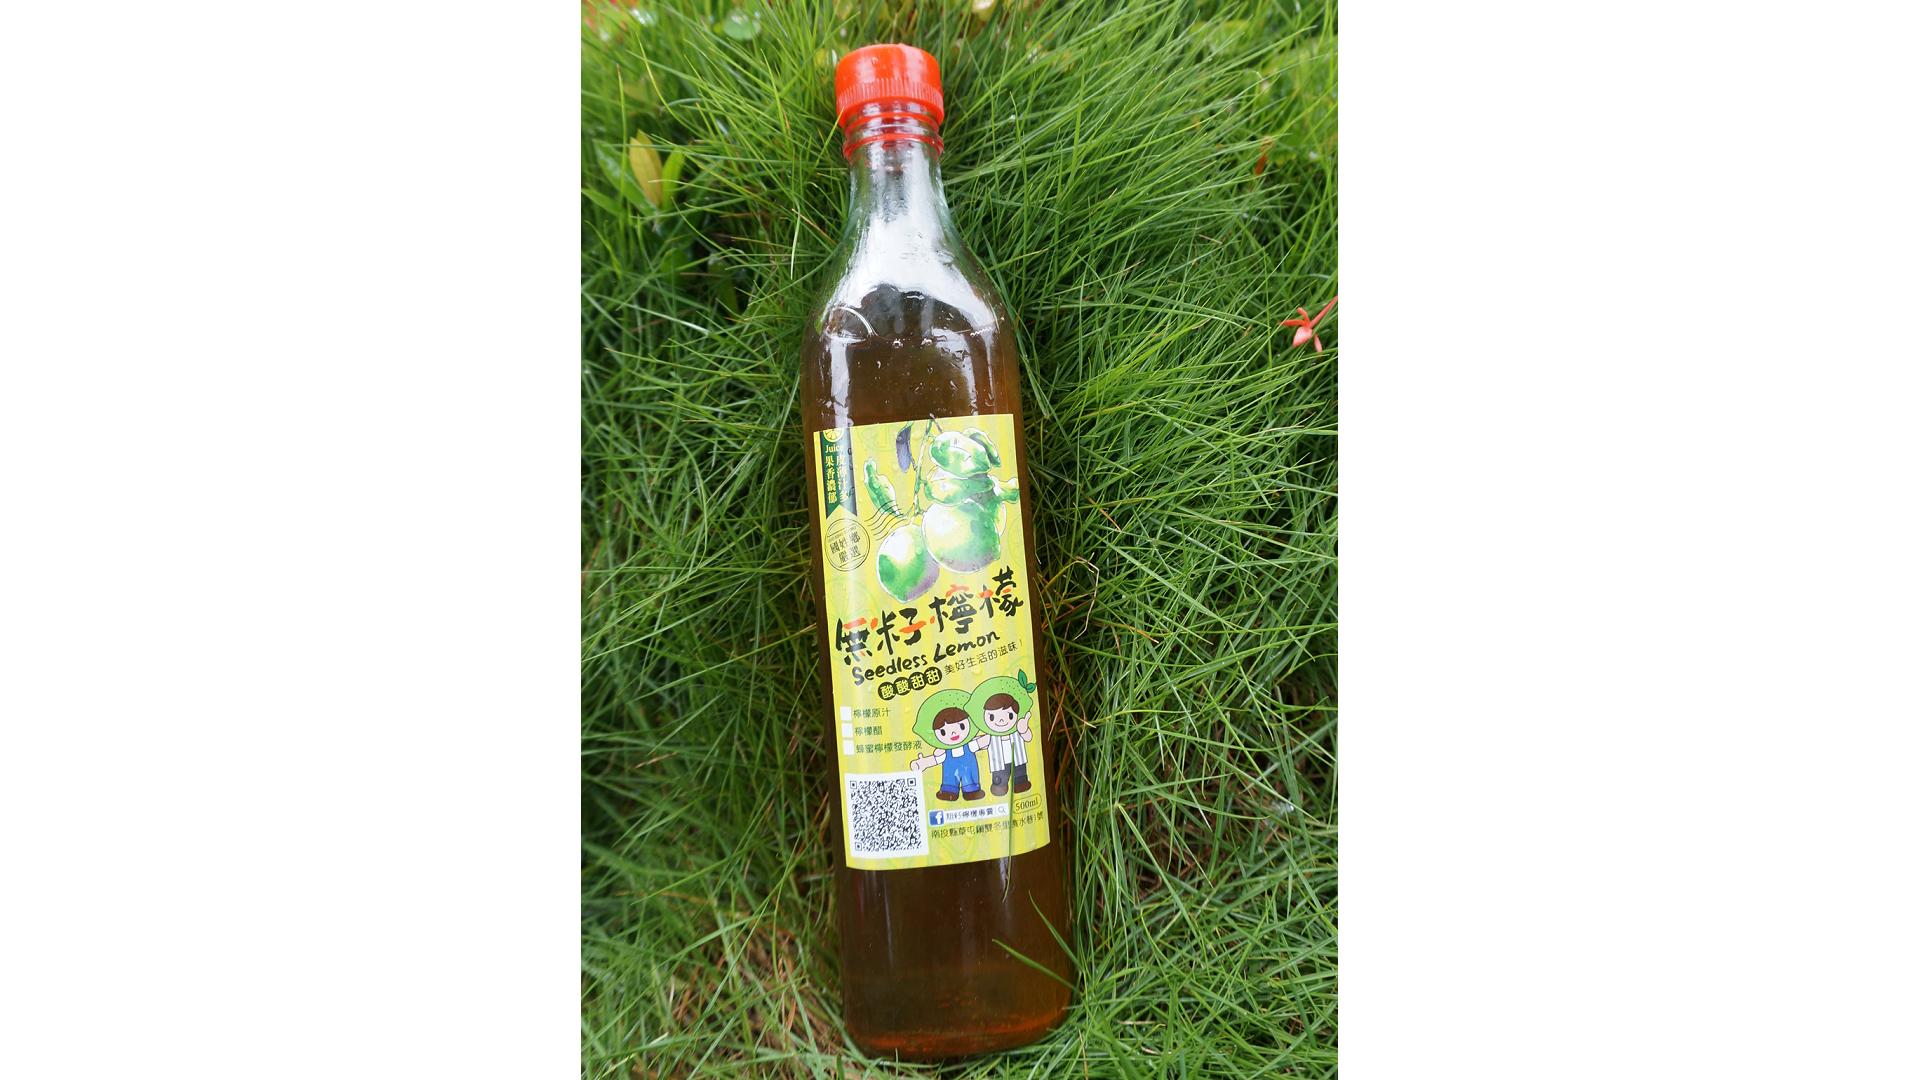 檸檬醋 | 水果醋 | 無籽檸檬醋 | 無子檸檬醋